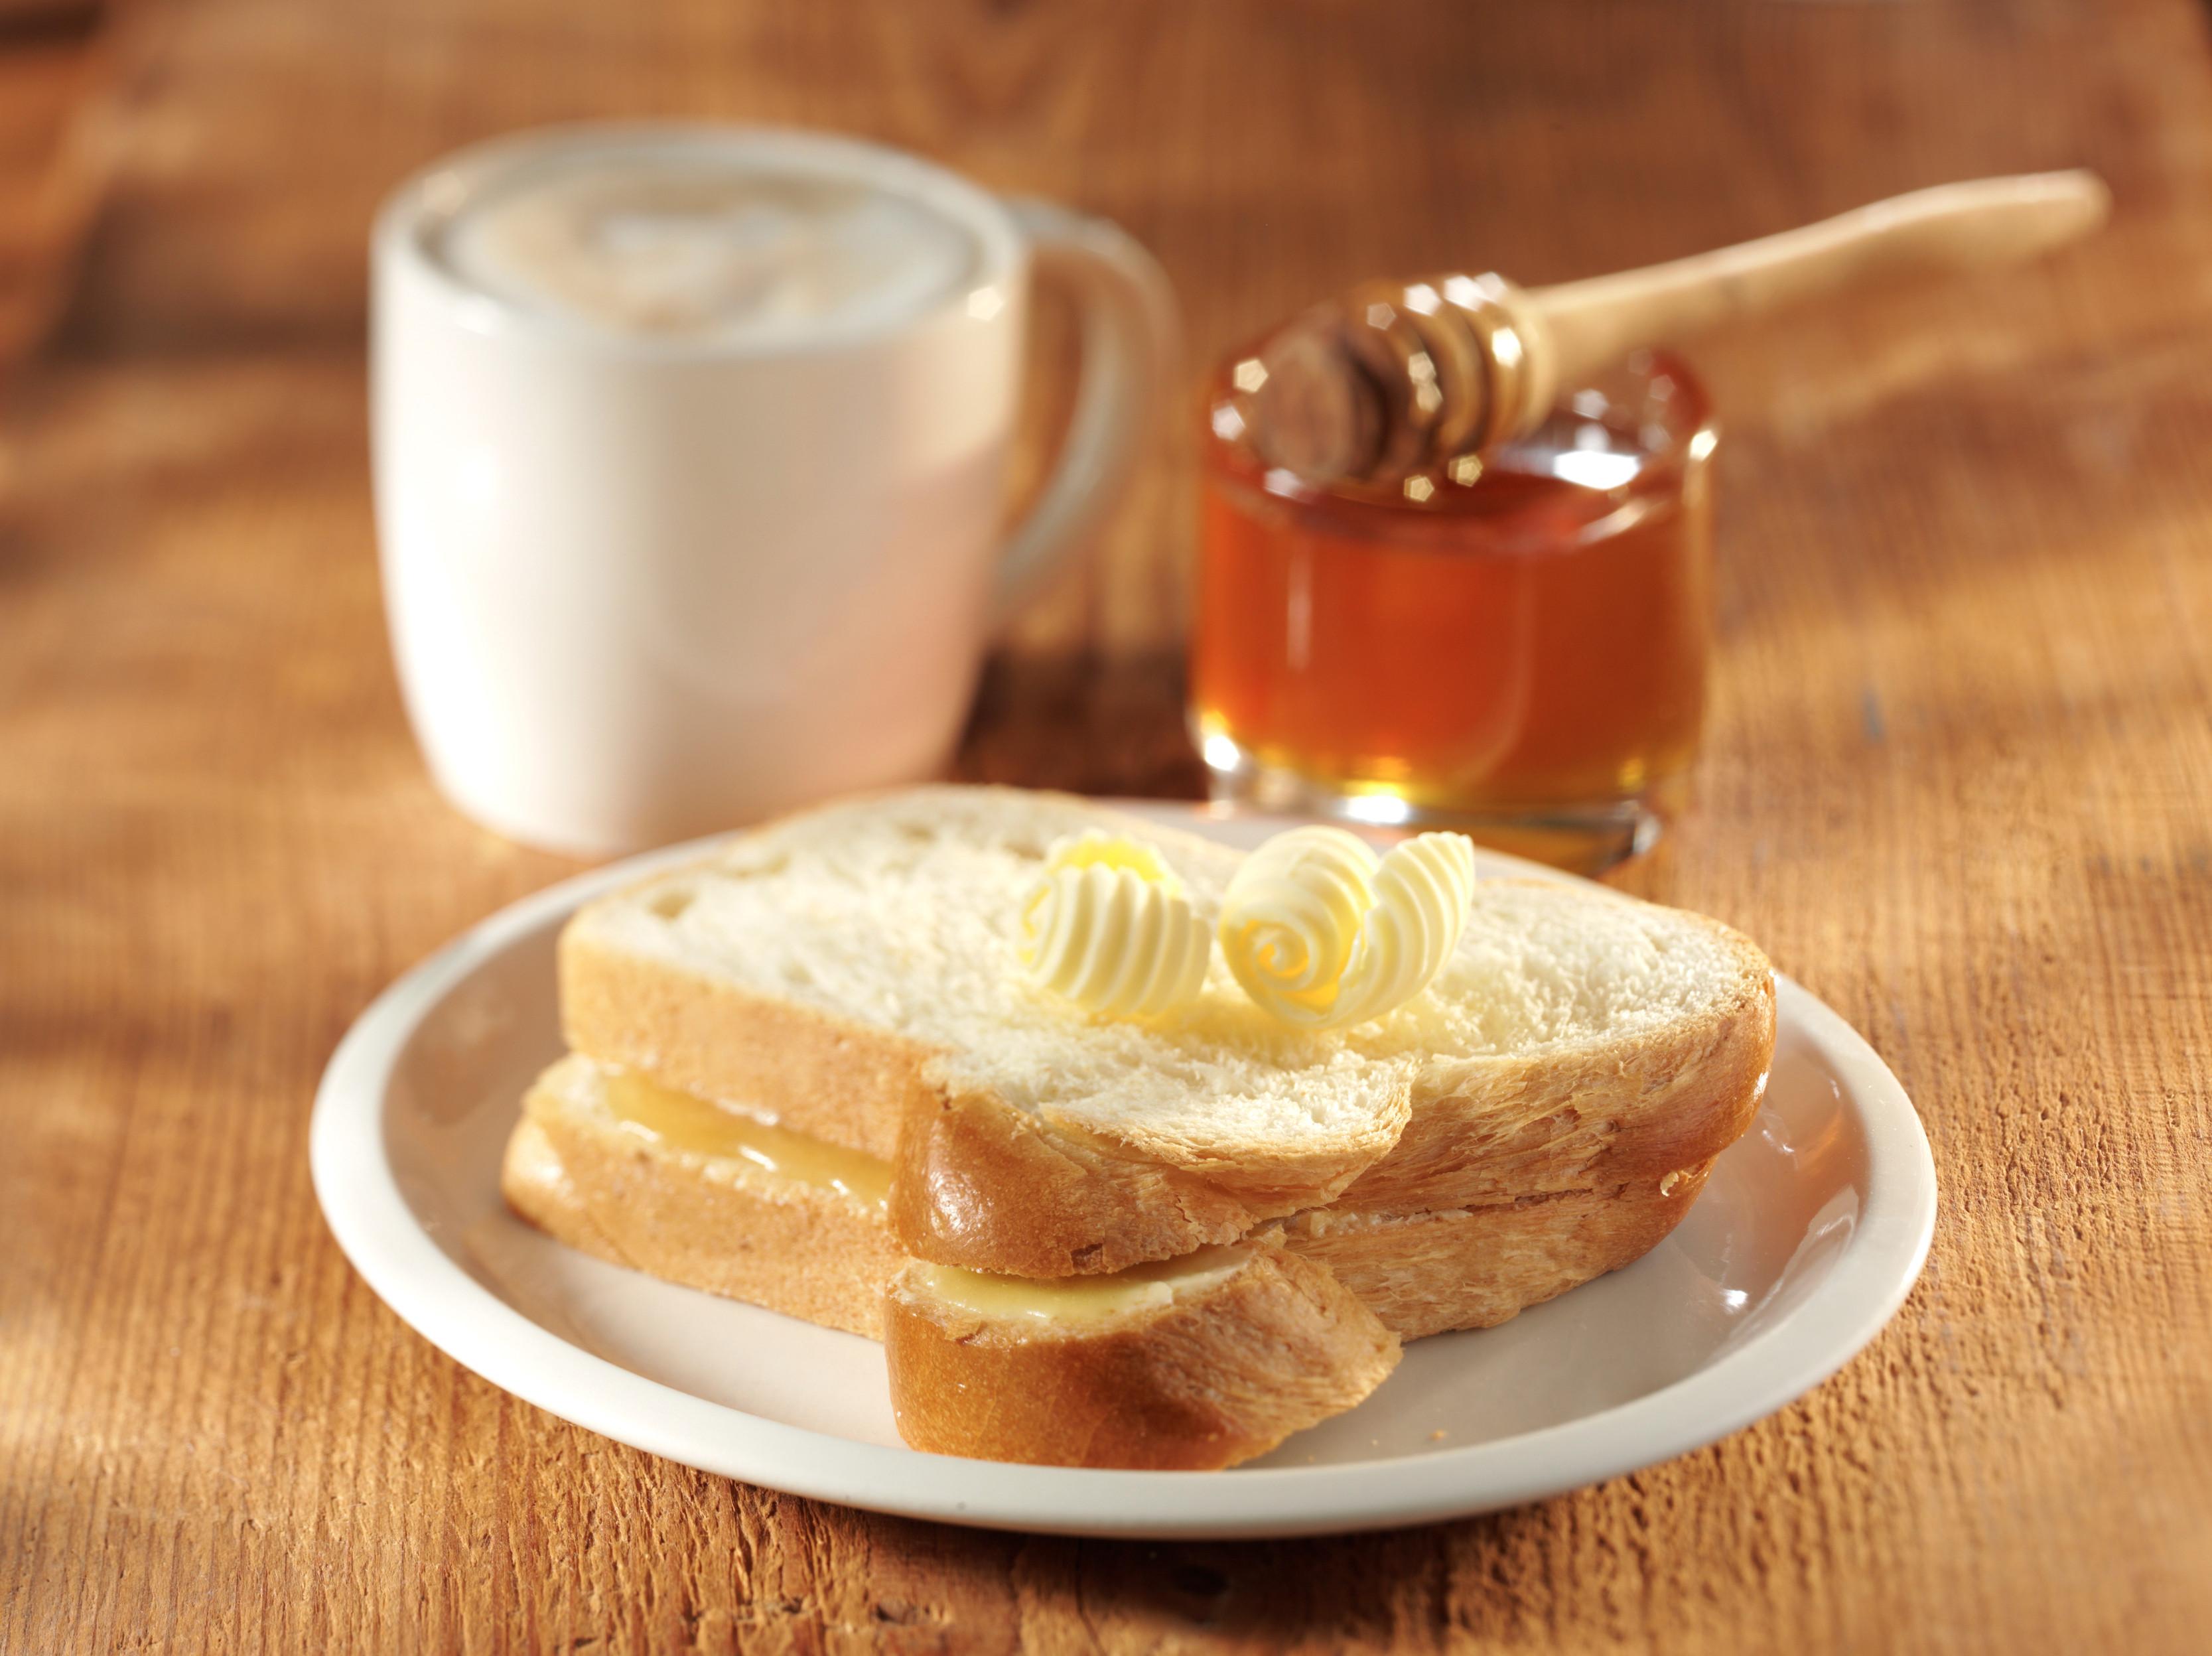 <h5>Zopf mit Butter und Honig</h5>